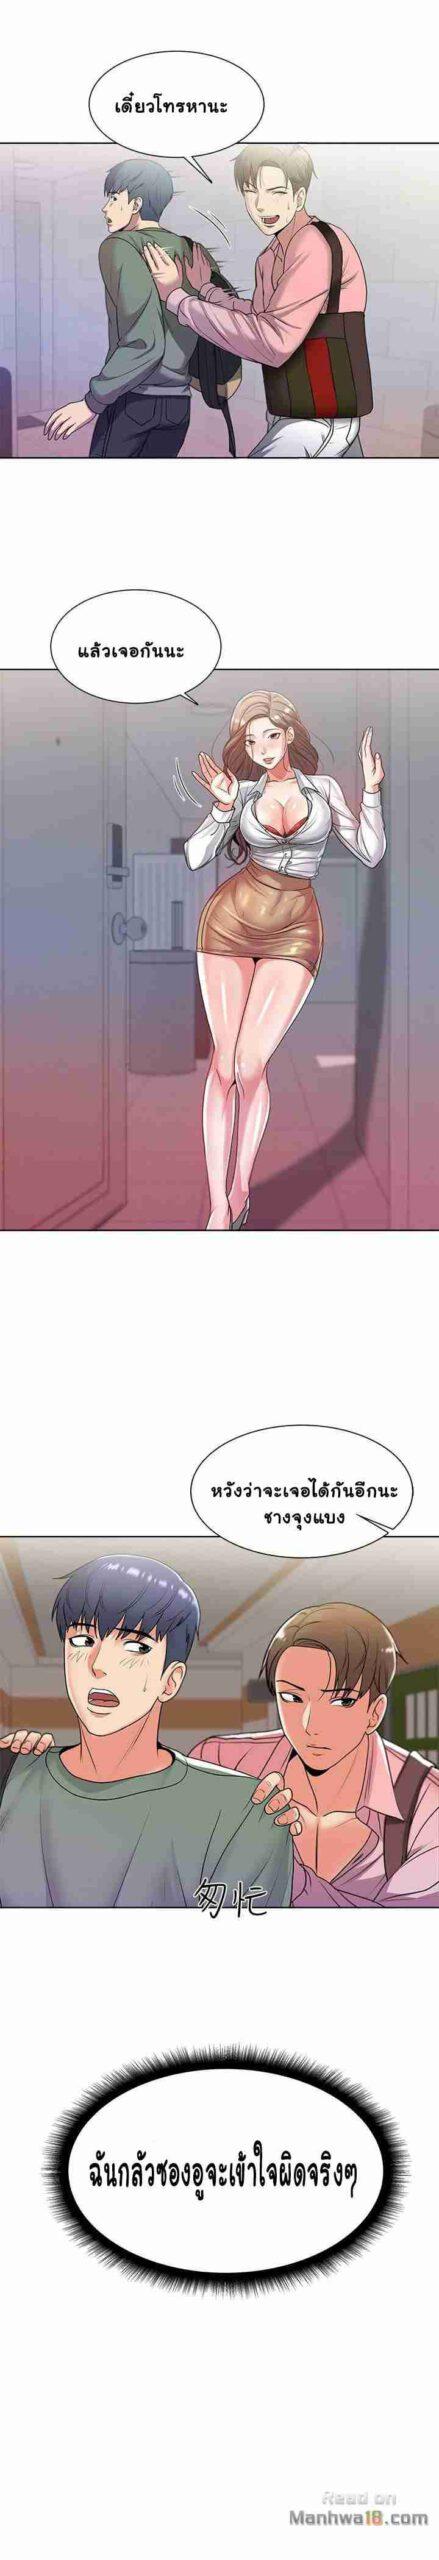 โดจิน Doujin คุณพี่สาวร้านค้า(6)9